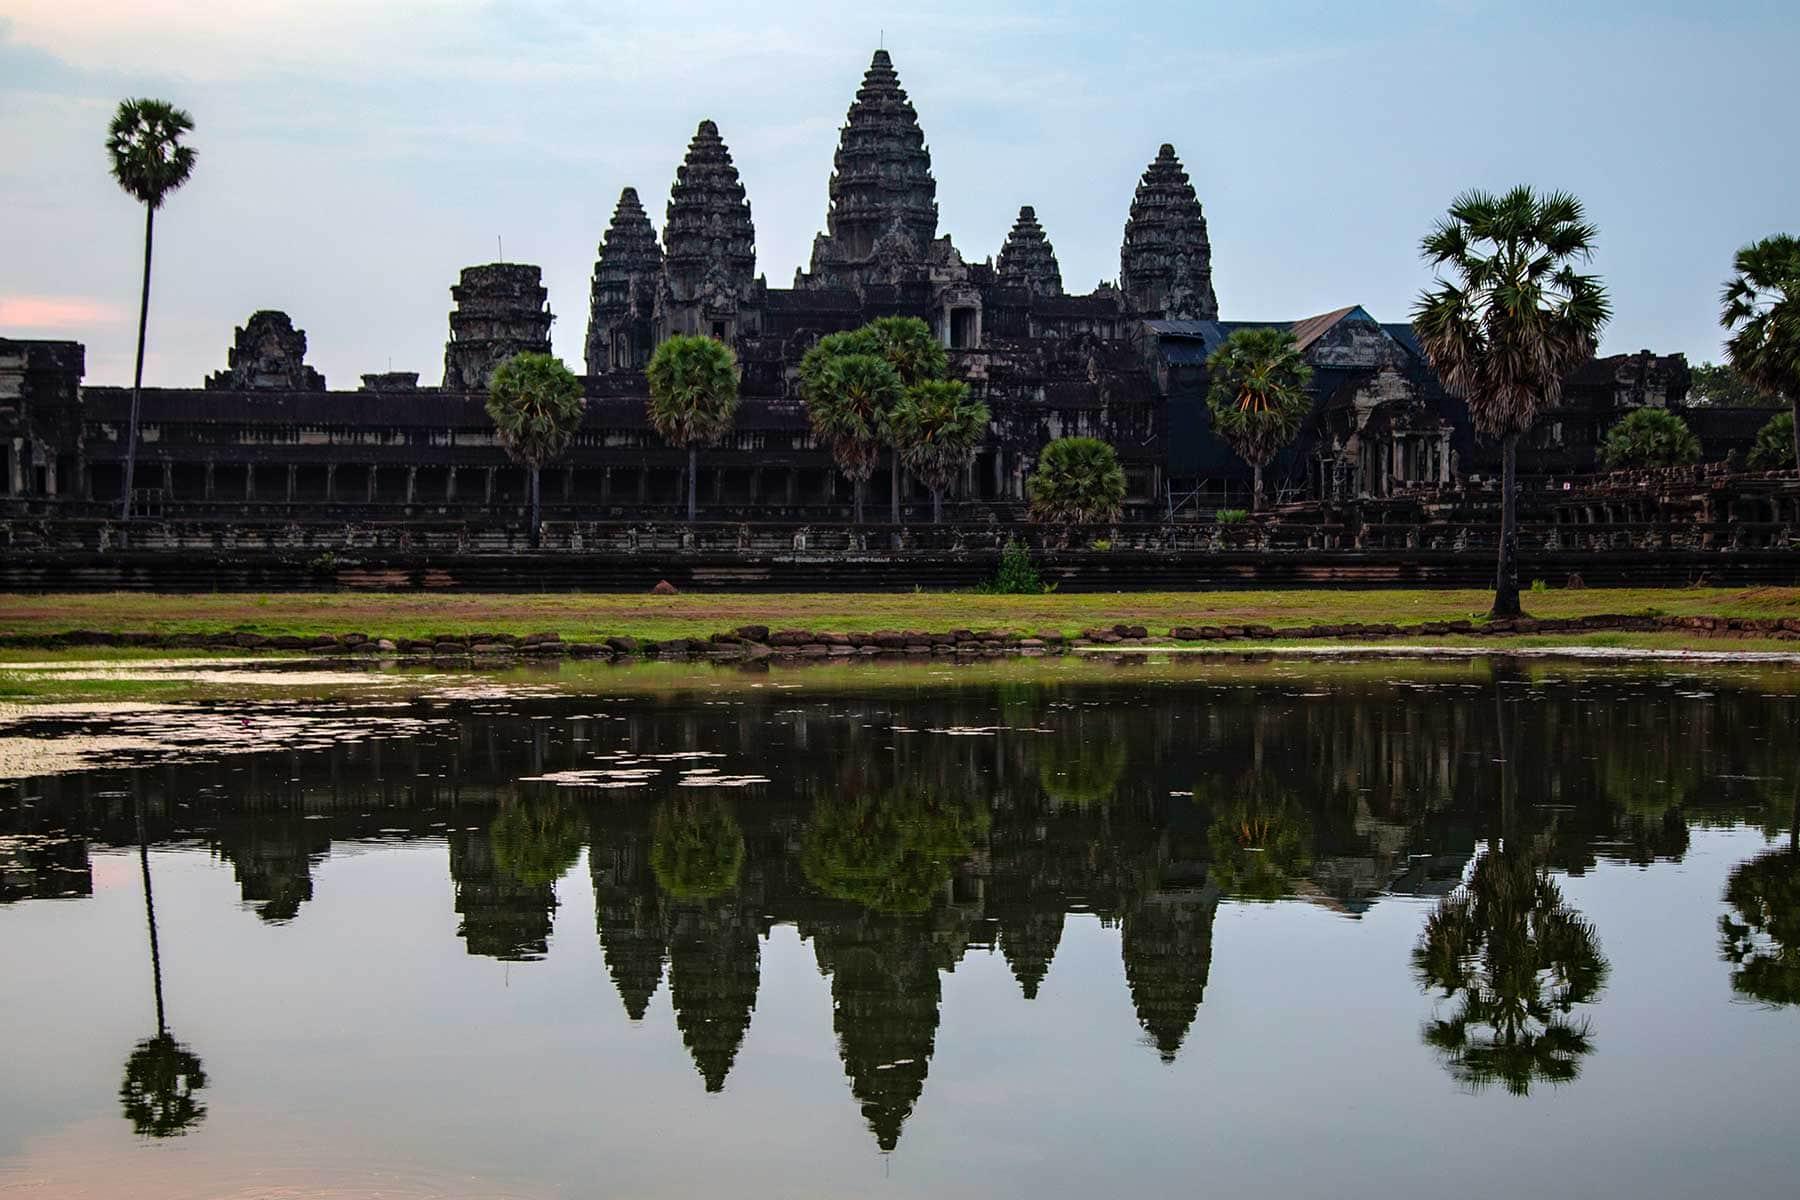 Rundresa-i-Kambodja-med-Angkor-Wat---Nygren-&-Lind-resebyrå---angkor-wat